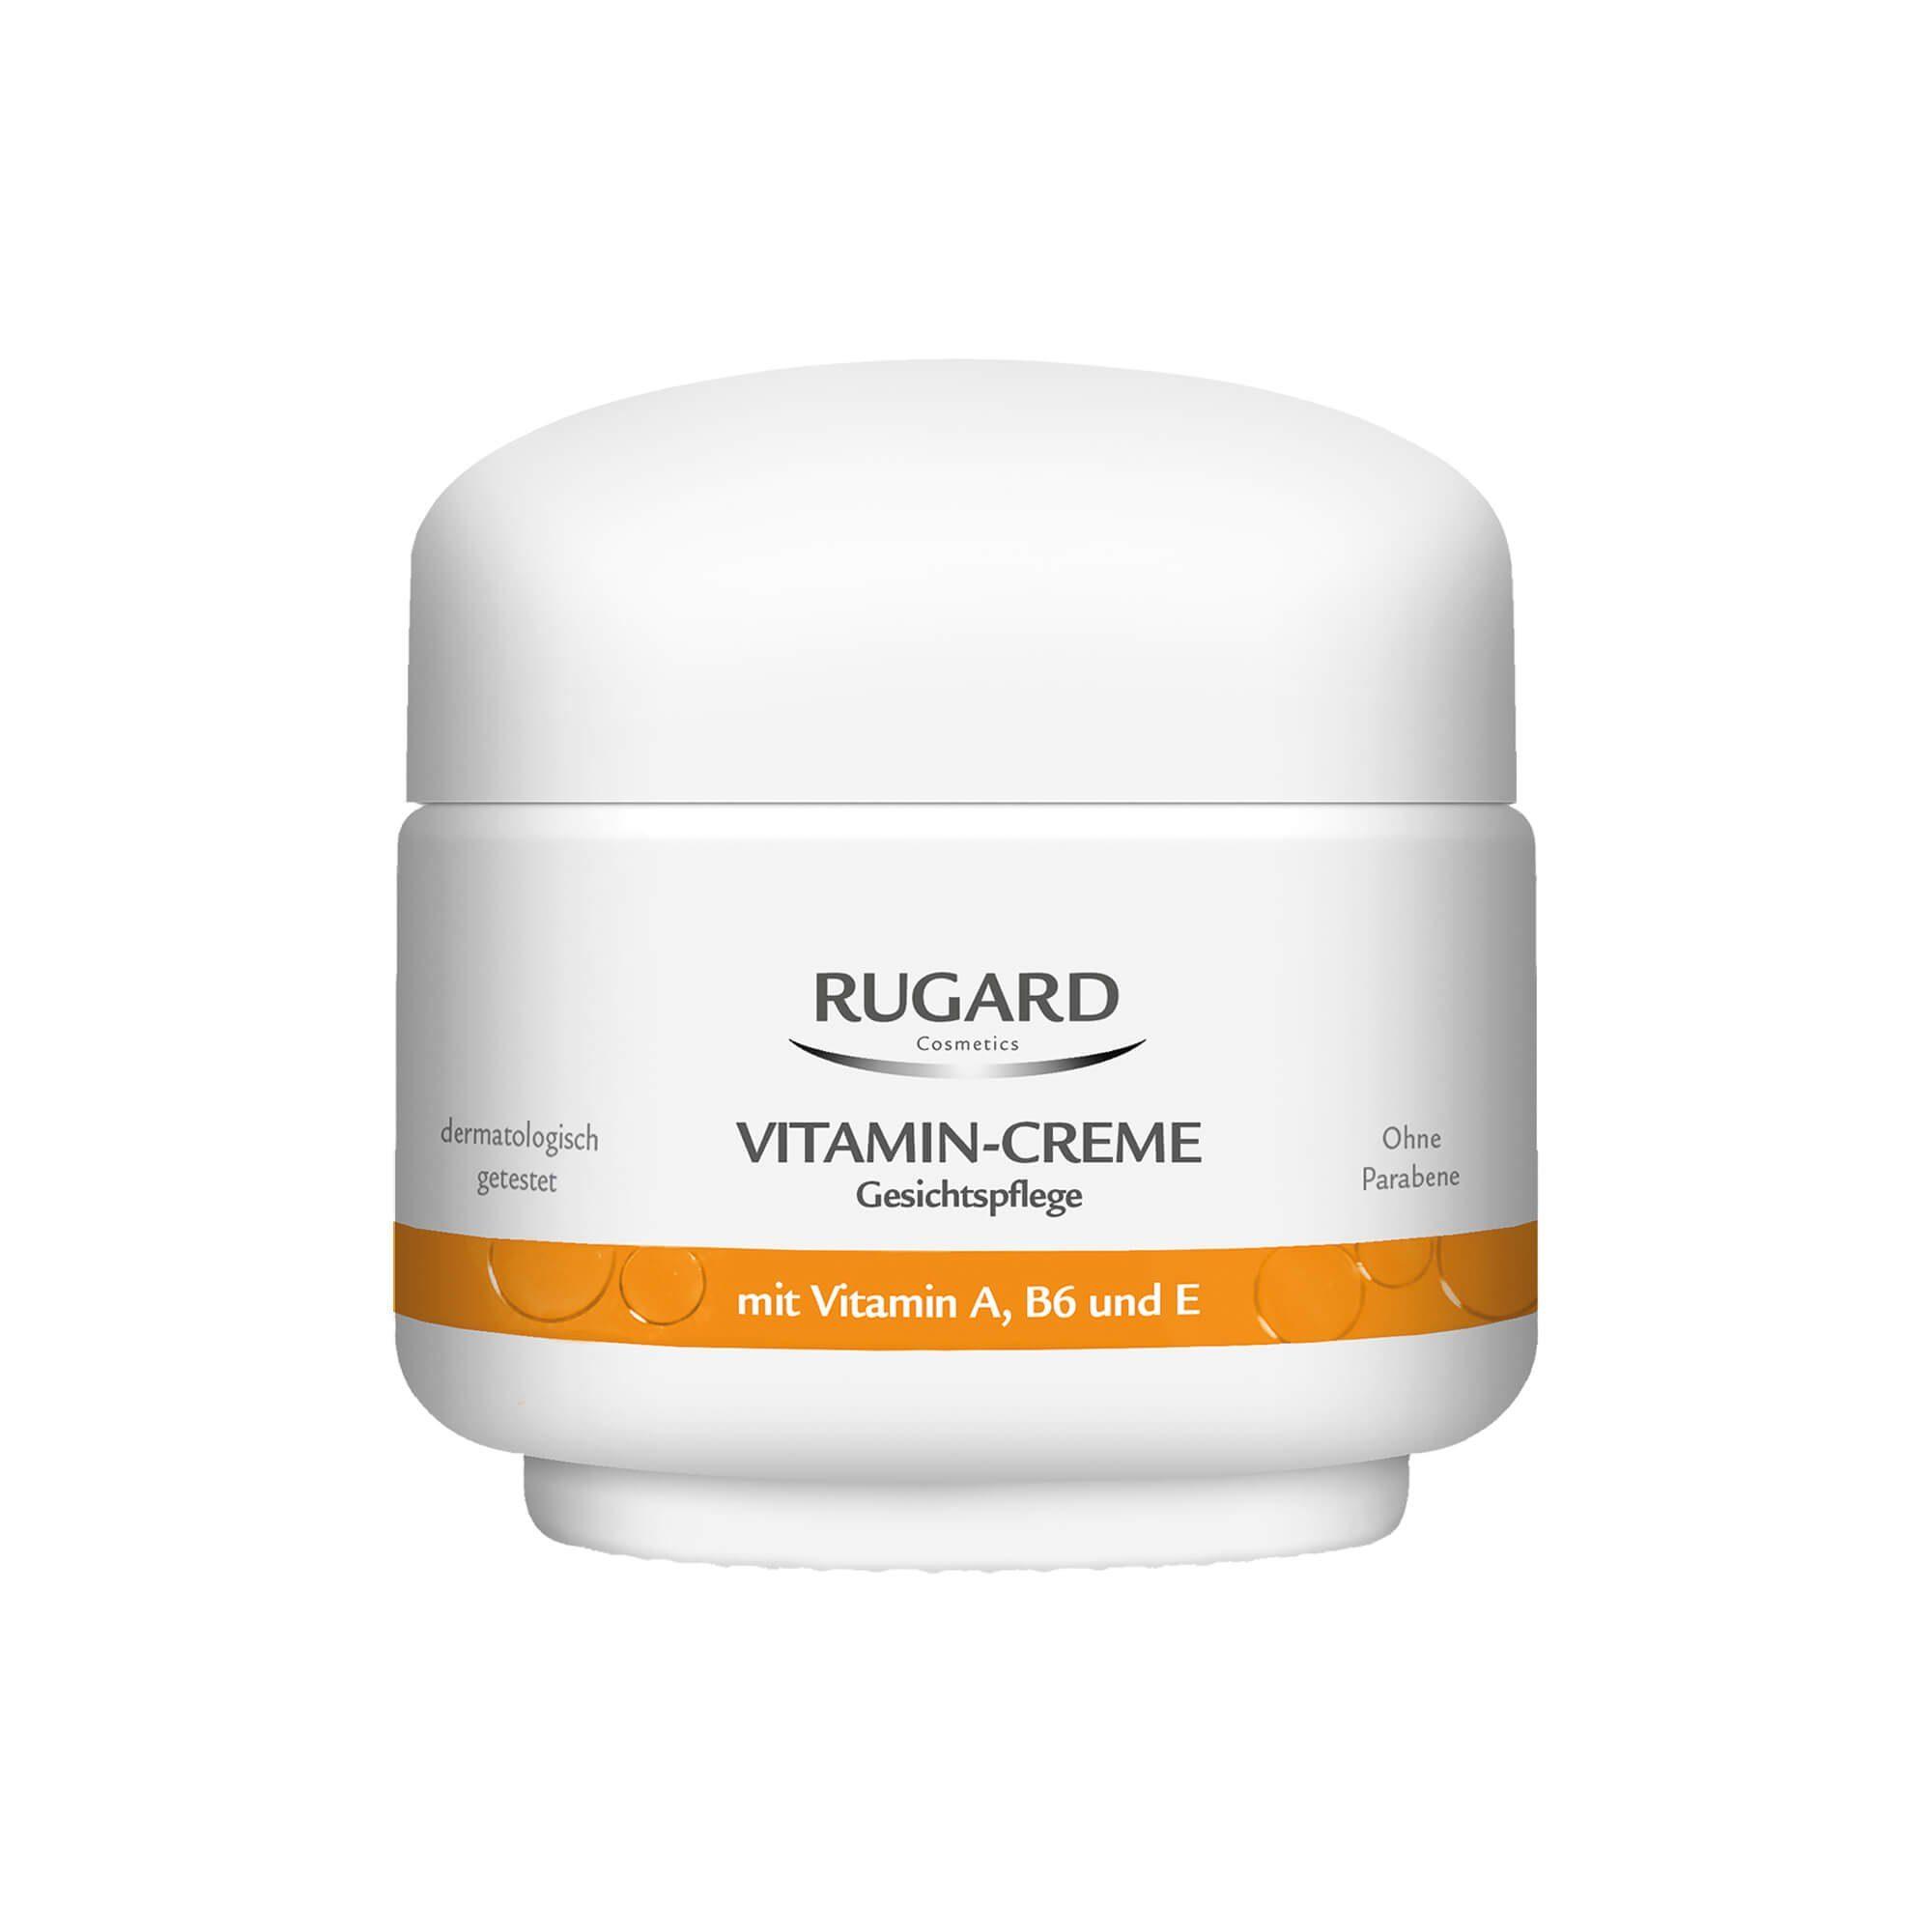 Rugard Vitamin Creme Gesichtspflege , 100 ml